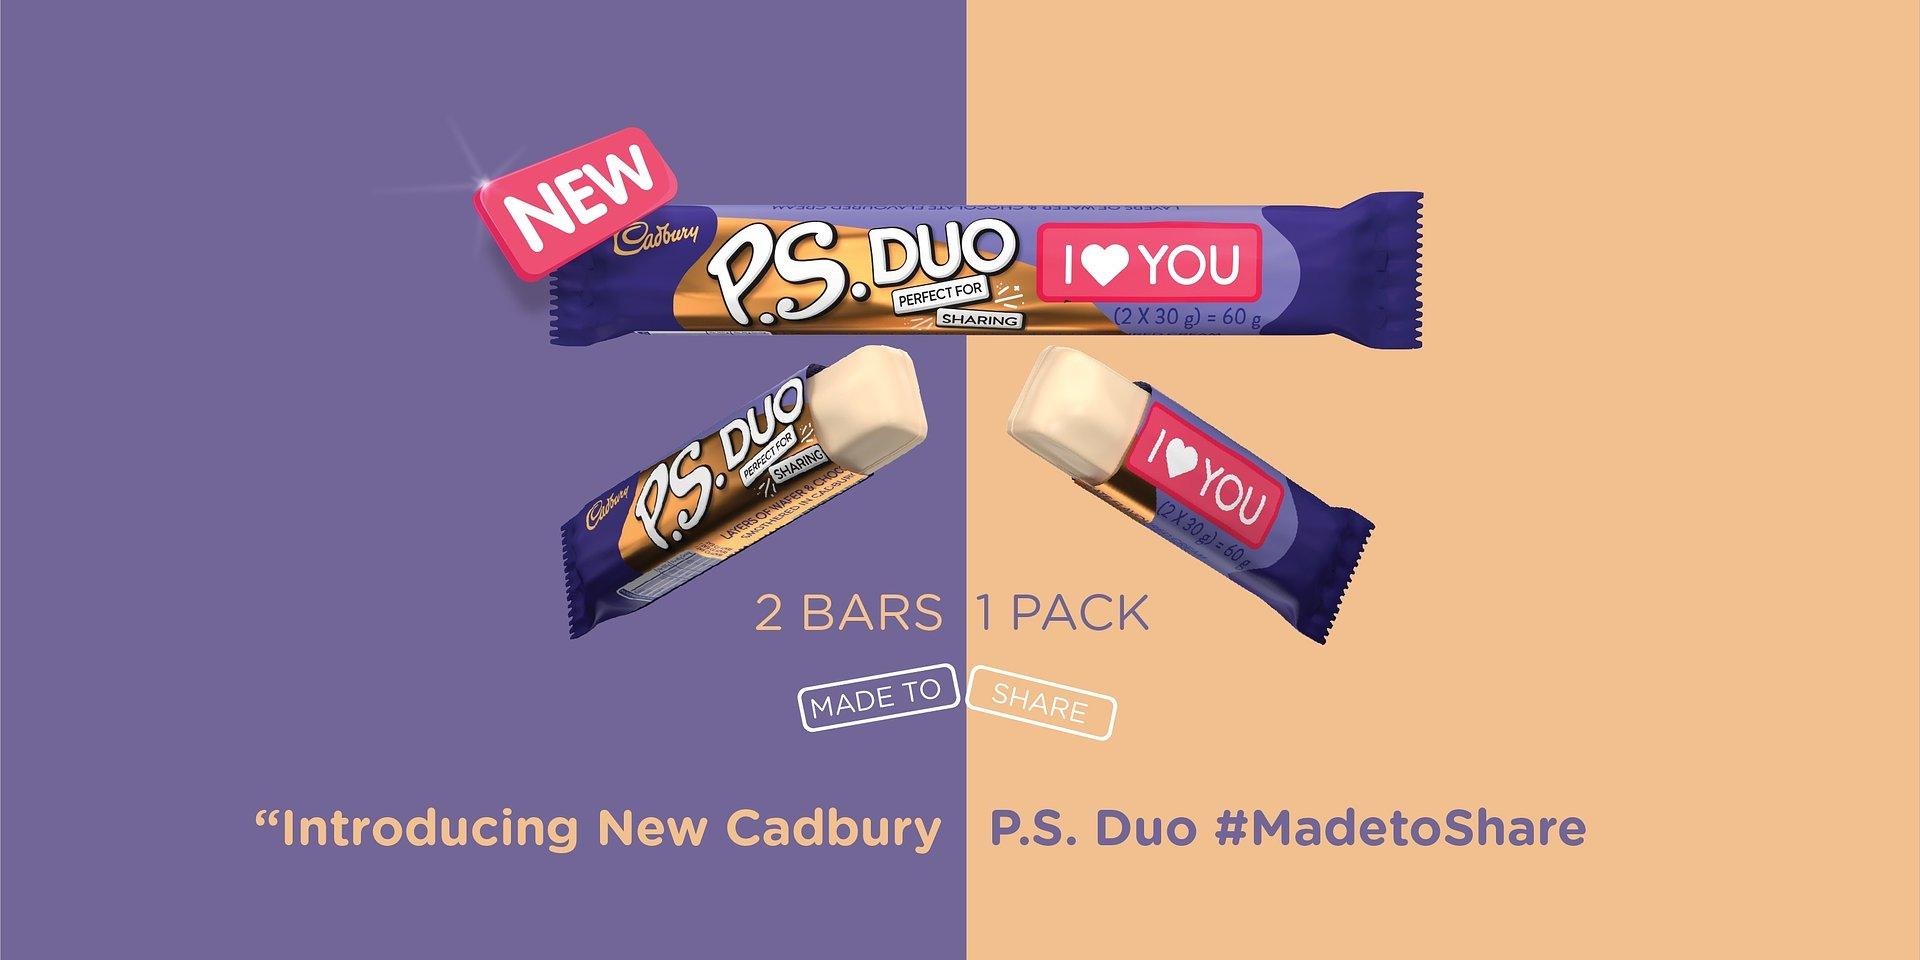 New Cadbury P.S. DUO is #MadetoShare